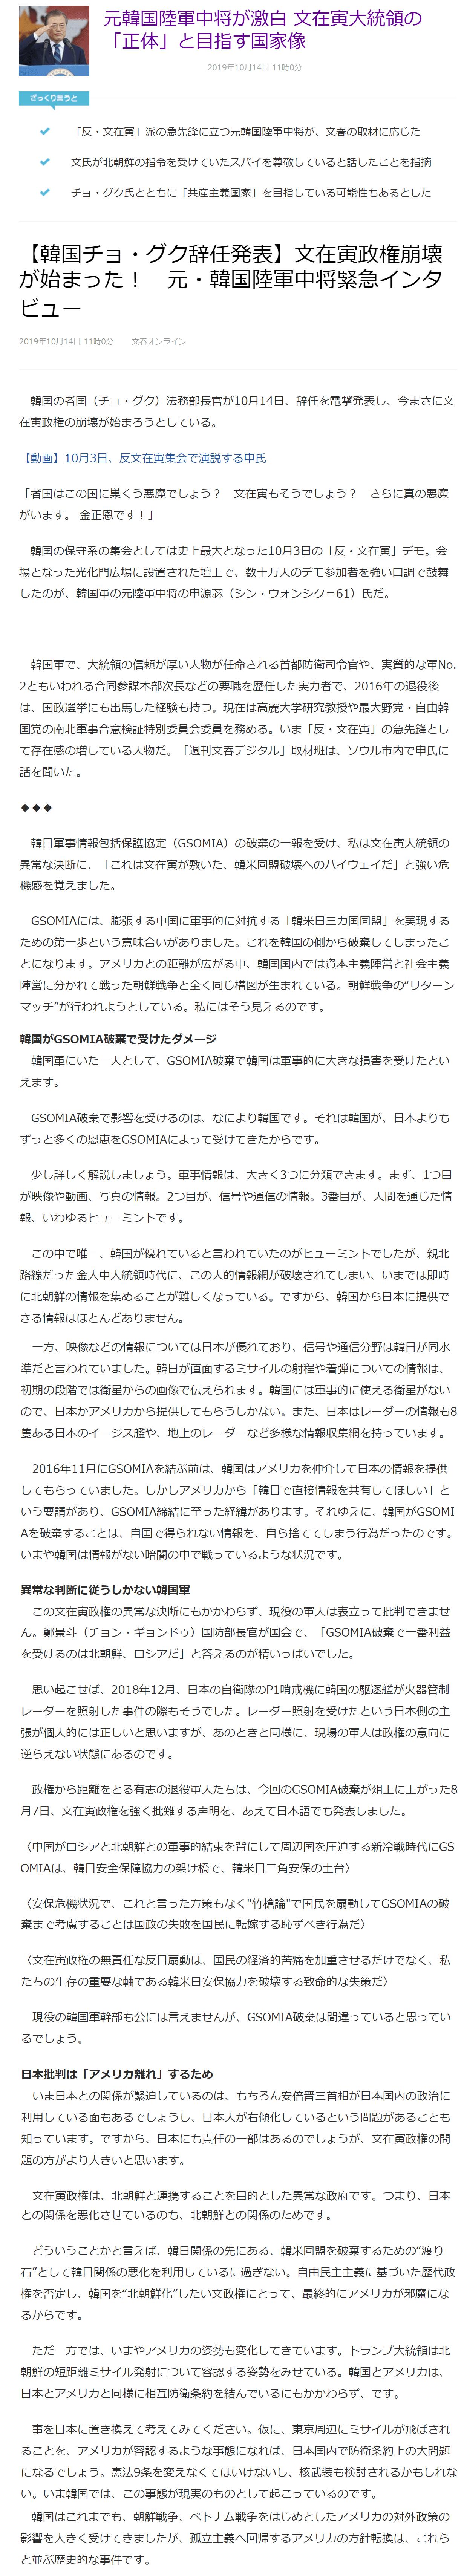 元朝鮮人陸軍中将が用日発言_1